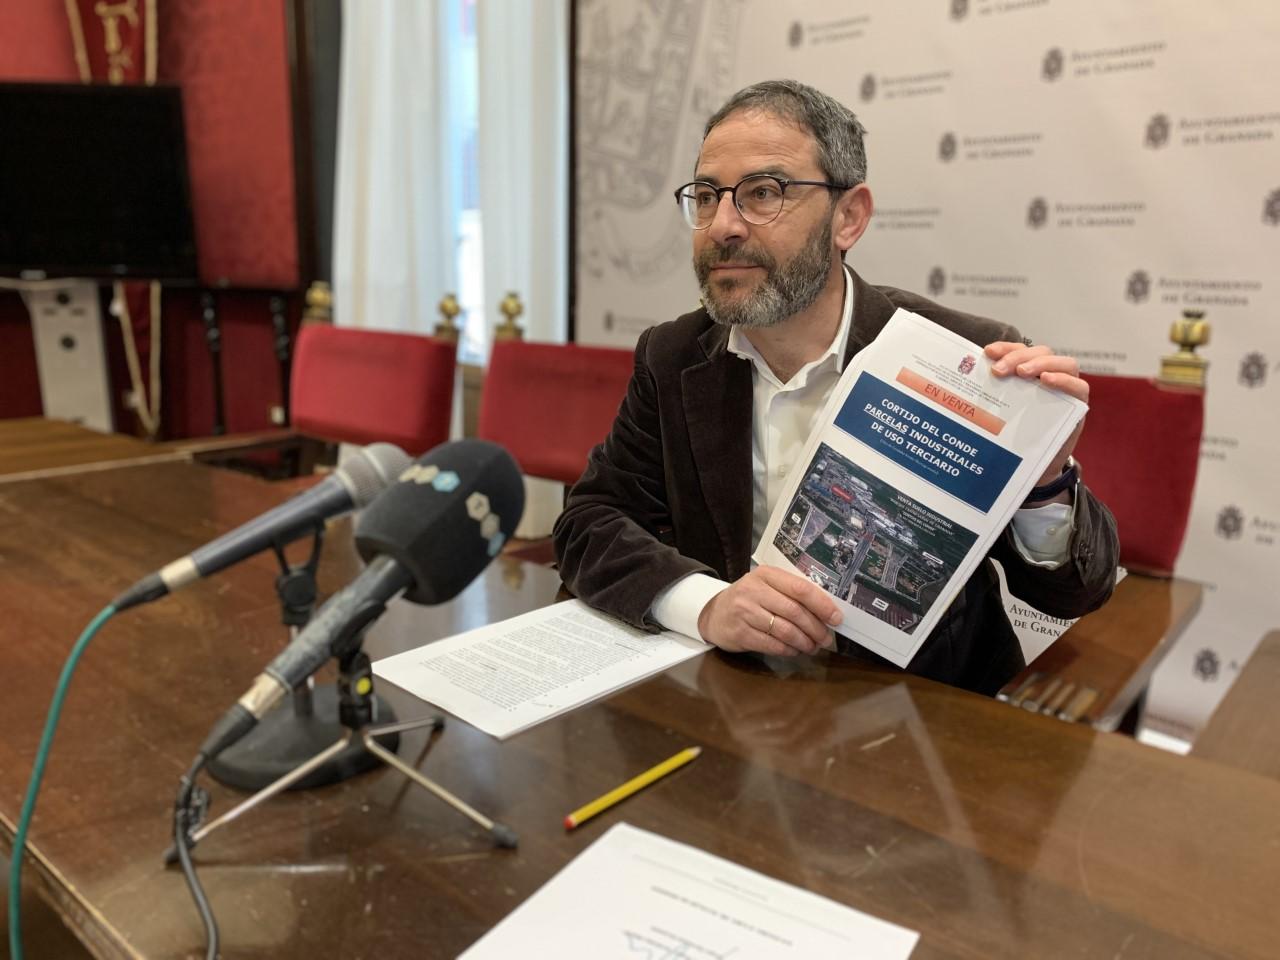 El PSOE denuncia que el Área de Urbanismo no ha tramitado ningún proyecto nuevo en 8 meses